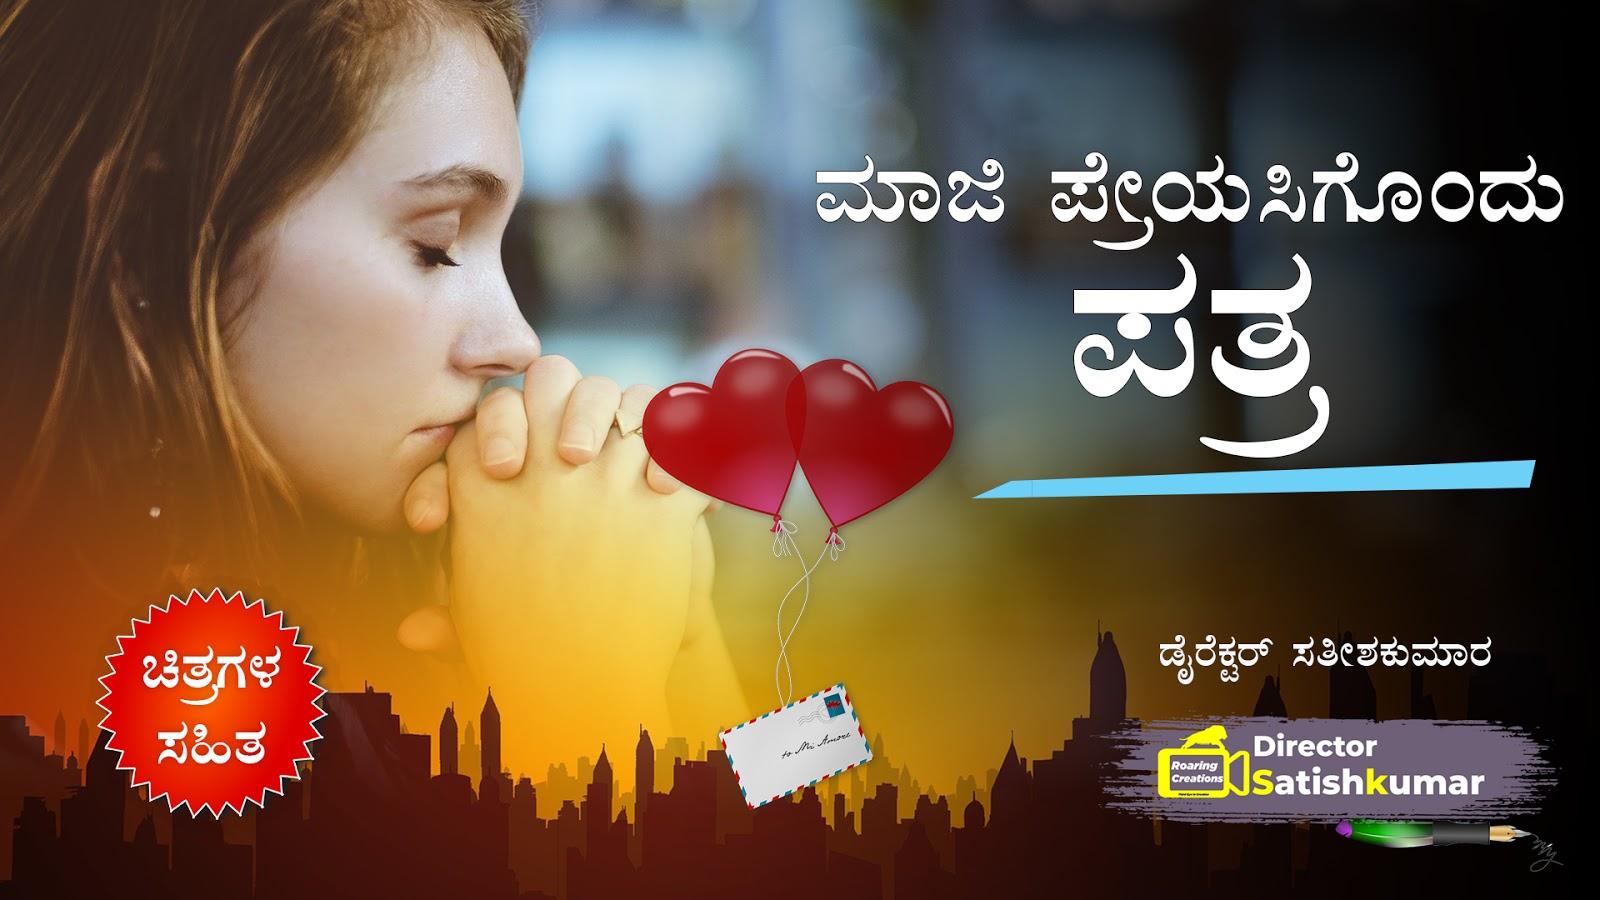 ಮಾಜಿ ಪ್ರೇಯಸಿಗೊಂದು ಪತ್ರ - Letter to X Lover in Kannada - Love Letter in Kannada